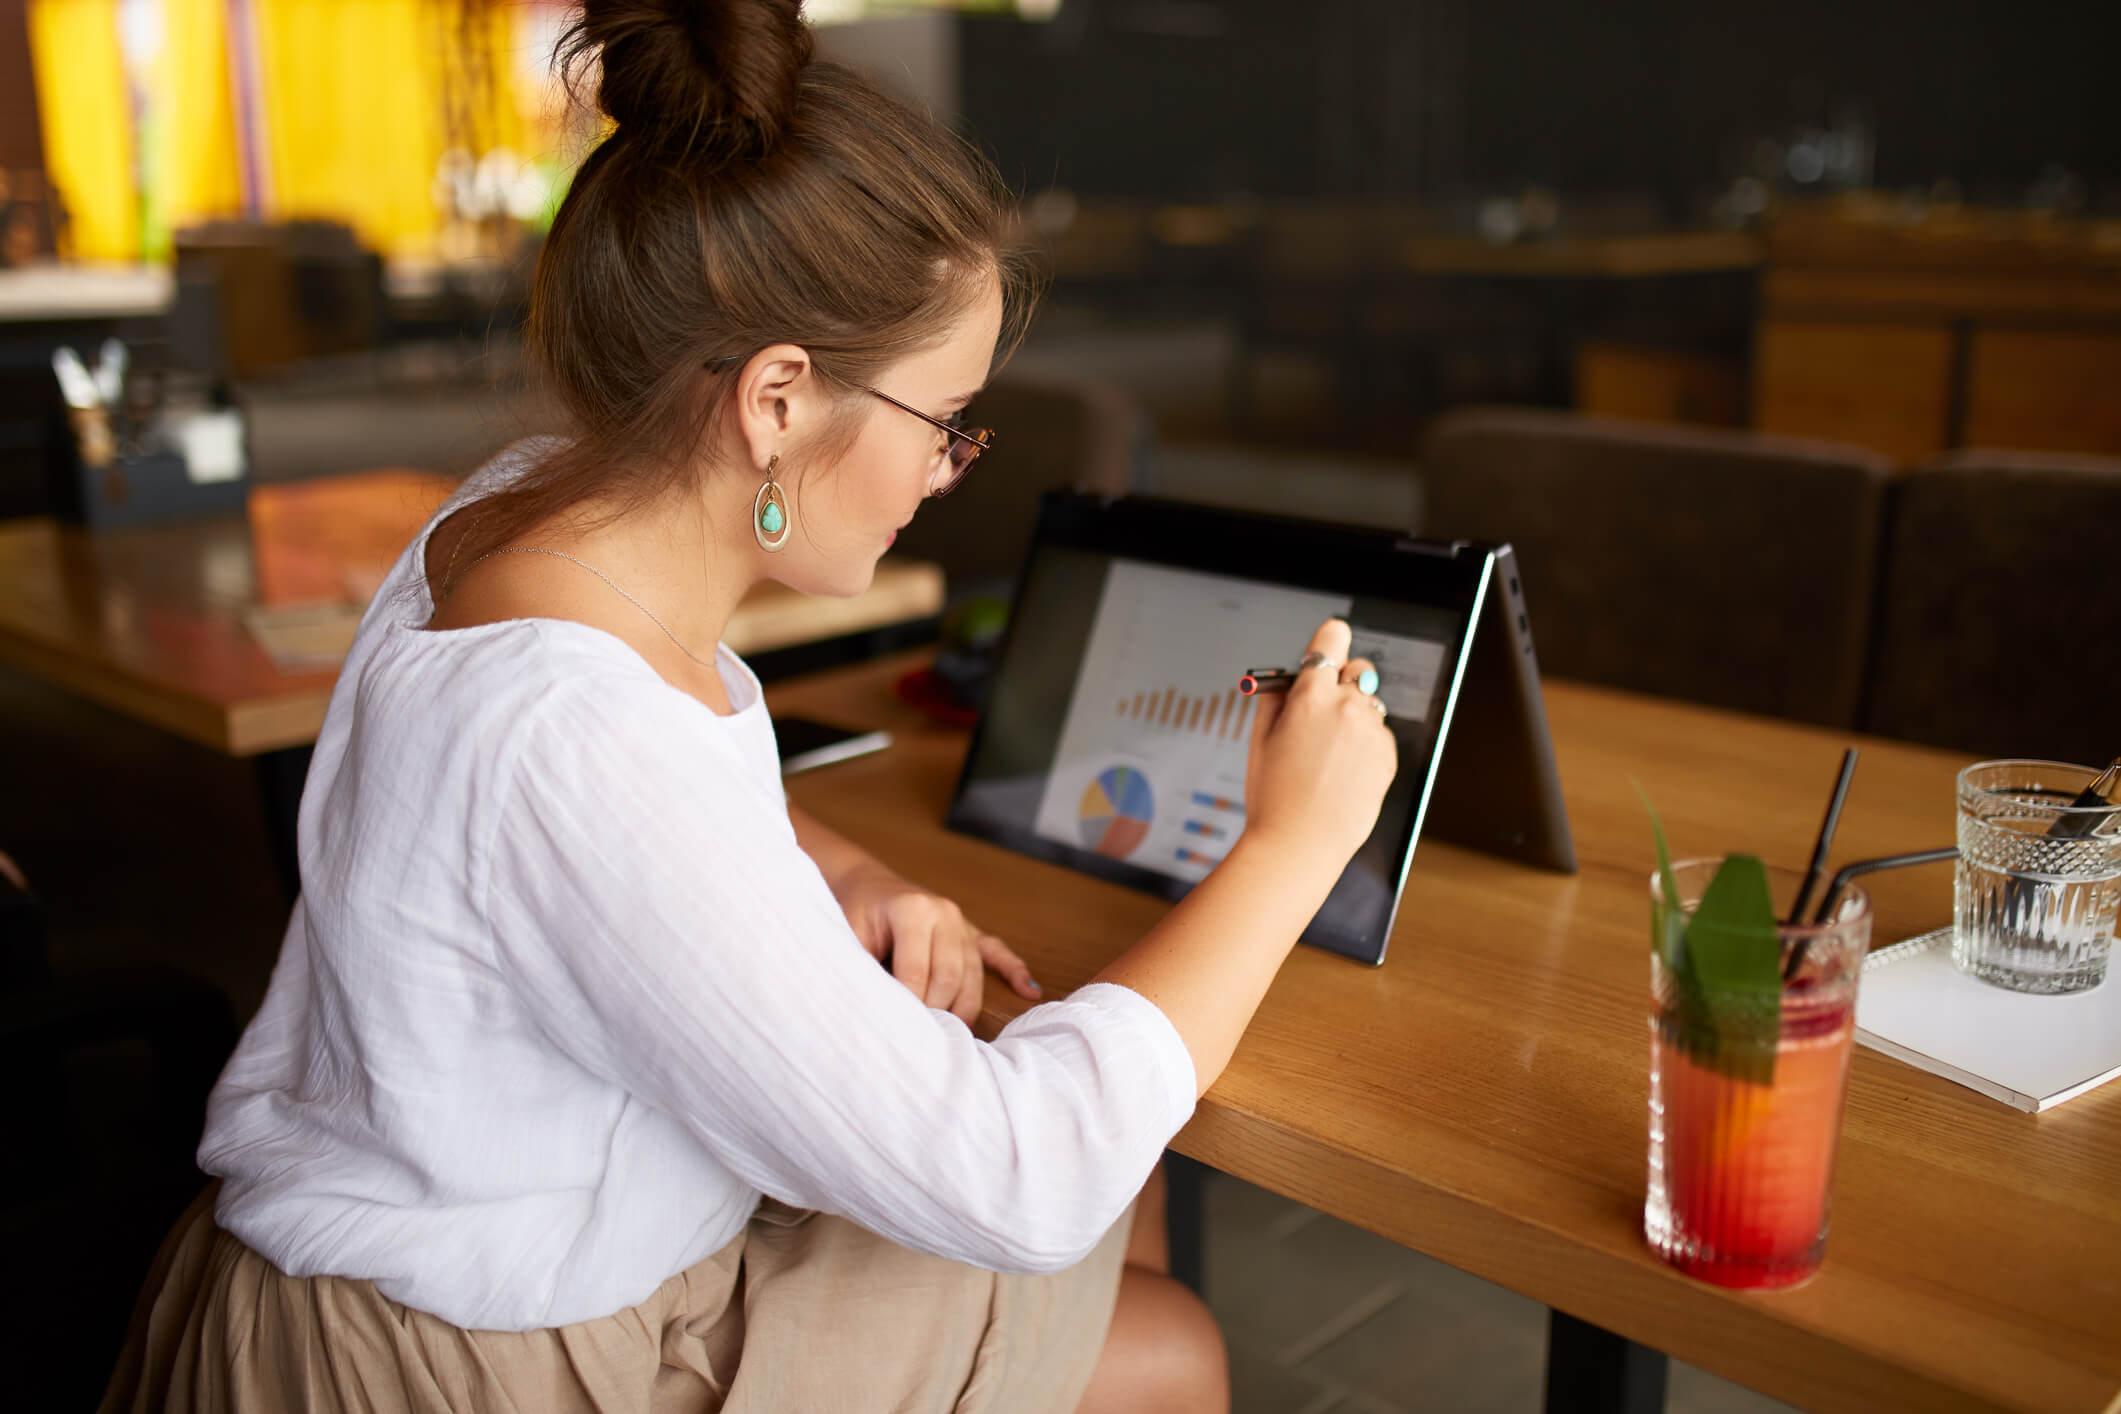 Notebook 2 em 1 com melhor custo beneficio: 6 pontos sobre o tema!